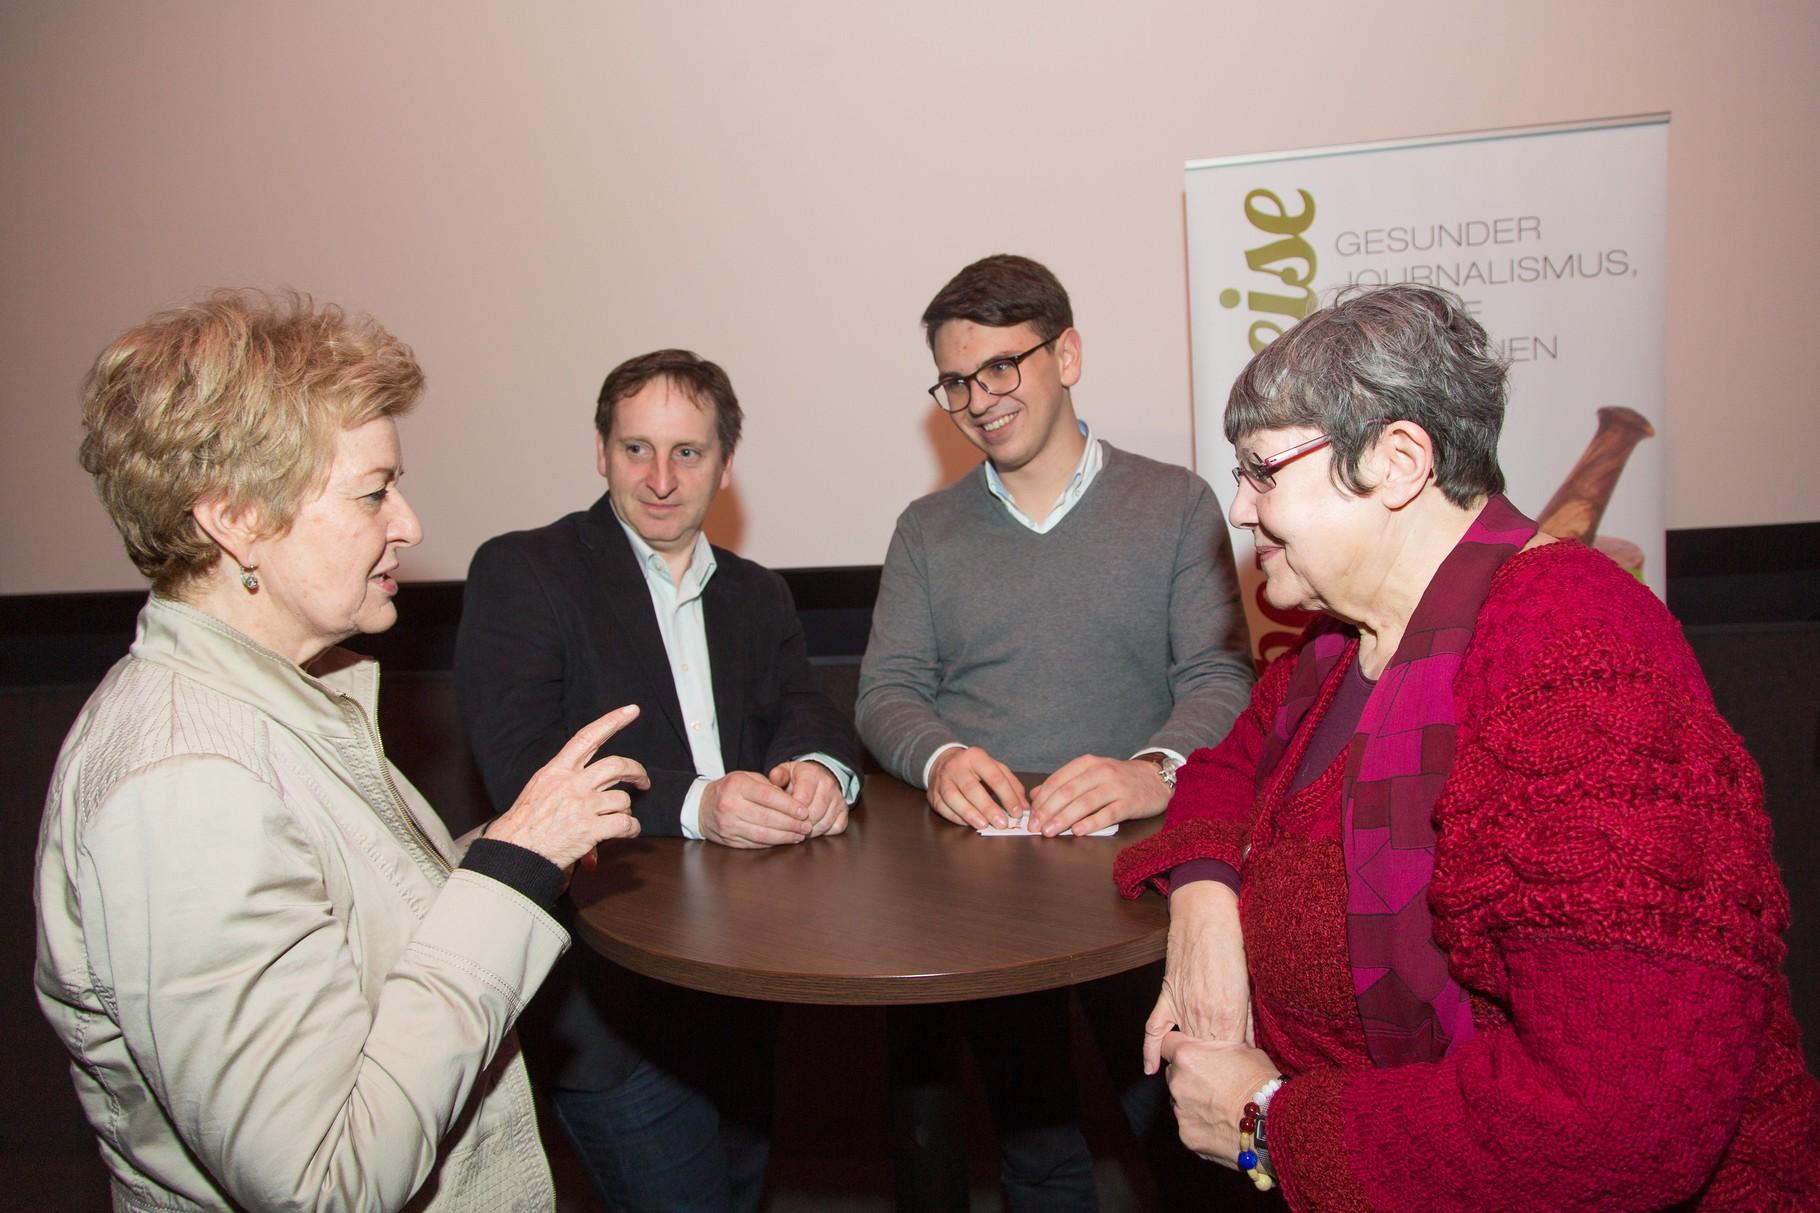 Foto: Lebensweise/Richard Tanzer; Astrid Zimmermann (Presseclub Concordia), Martin Schriebl-Rümmele (Lebensweise), Philip Kappler (Schülerunion), Stressforscherin Rotraud Perner,